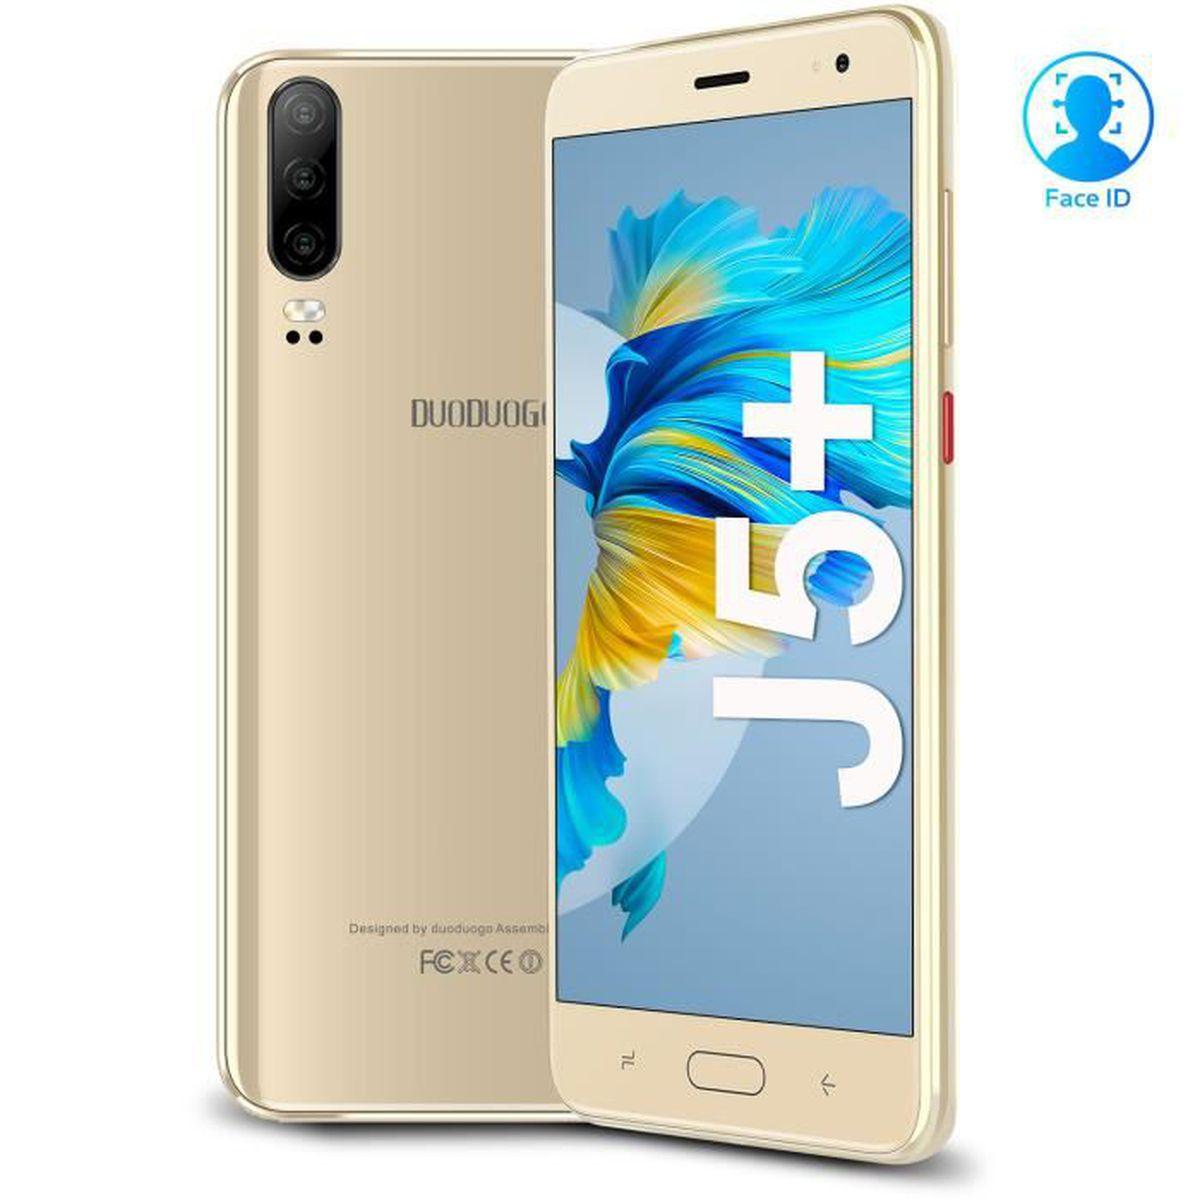 SMARTPHONE DUODUOGO J5+ 2019, Smartphone 4G pas cher-1G+16G-A